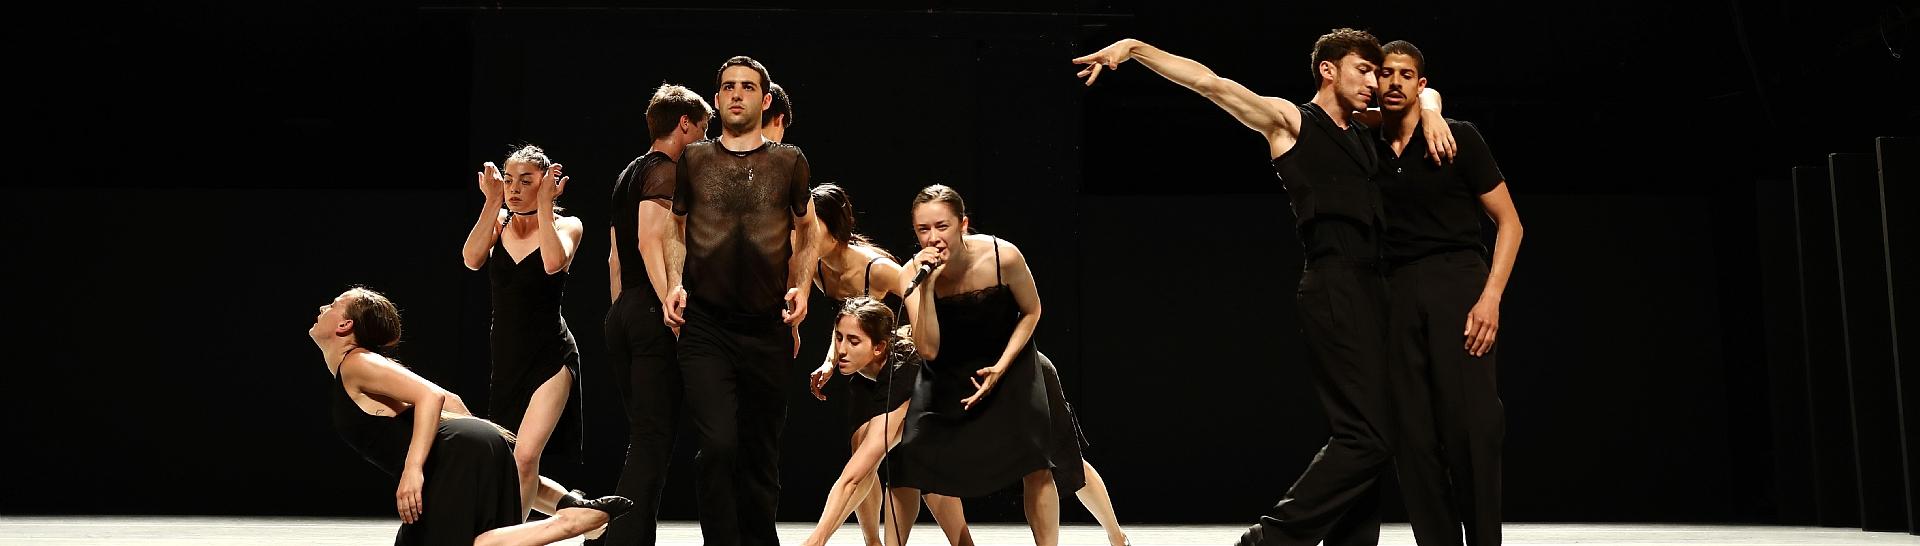 ונצואלה, אוהד נהרין - באופרה הישראלית